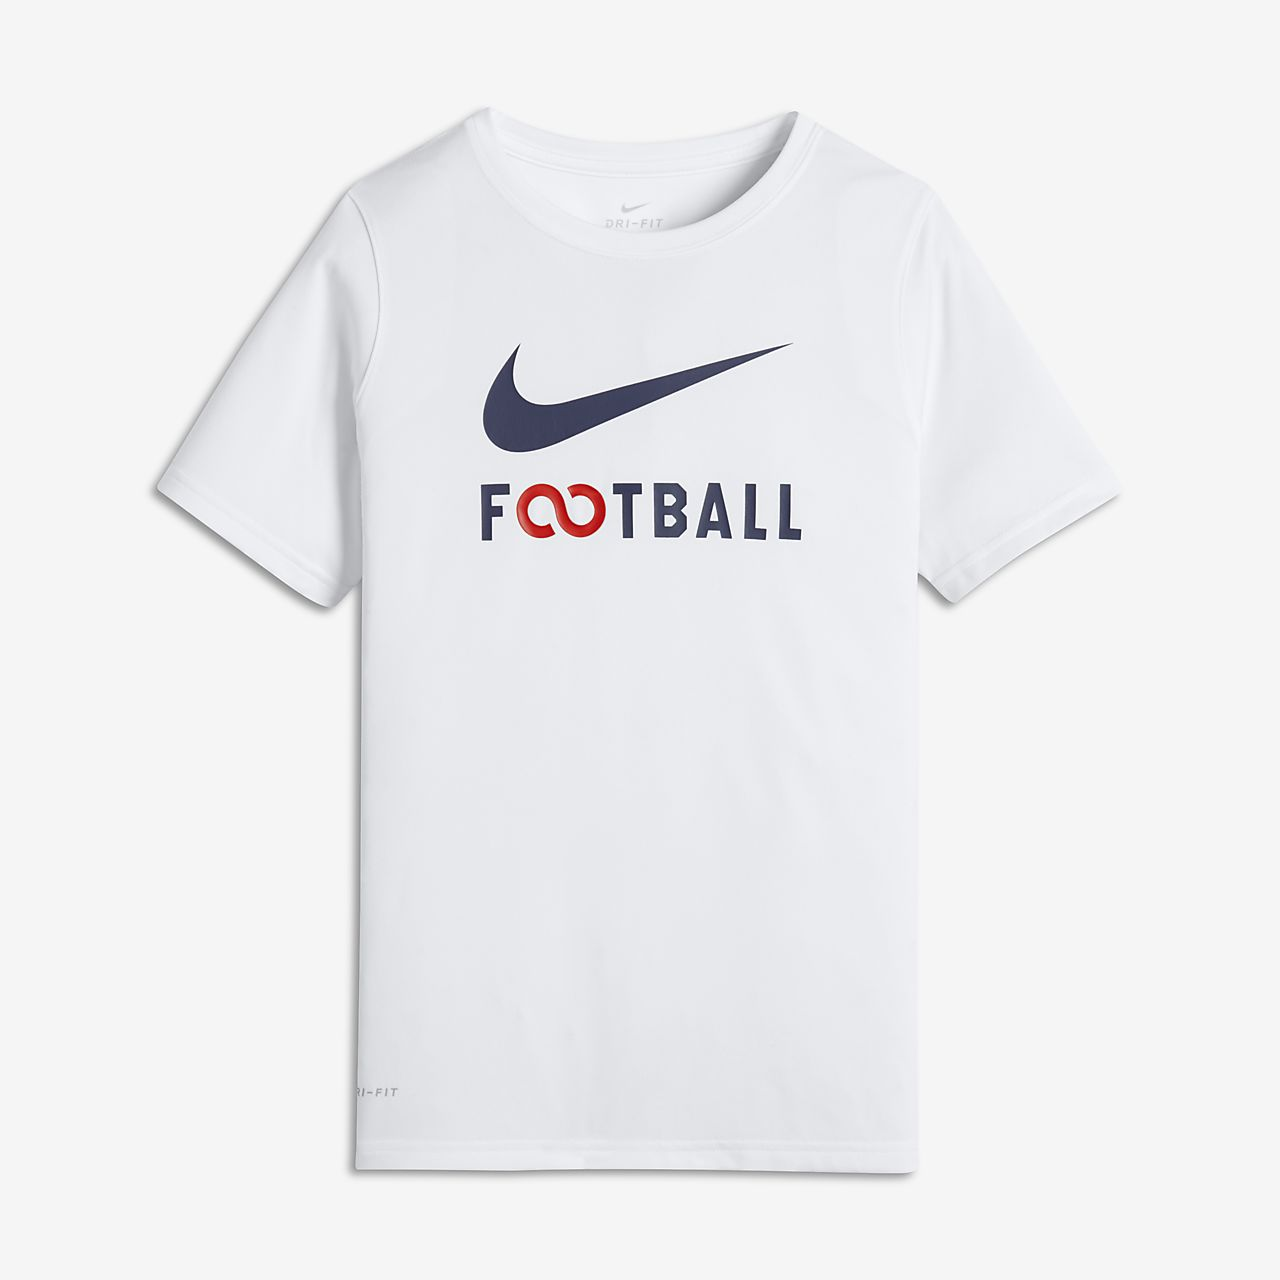 Wunderbar Leere Fußball Jersey Färbung Seite Galerie - Entry Level ...